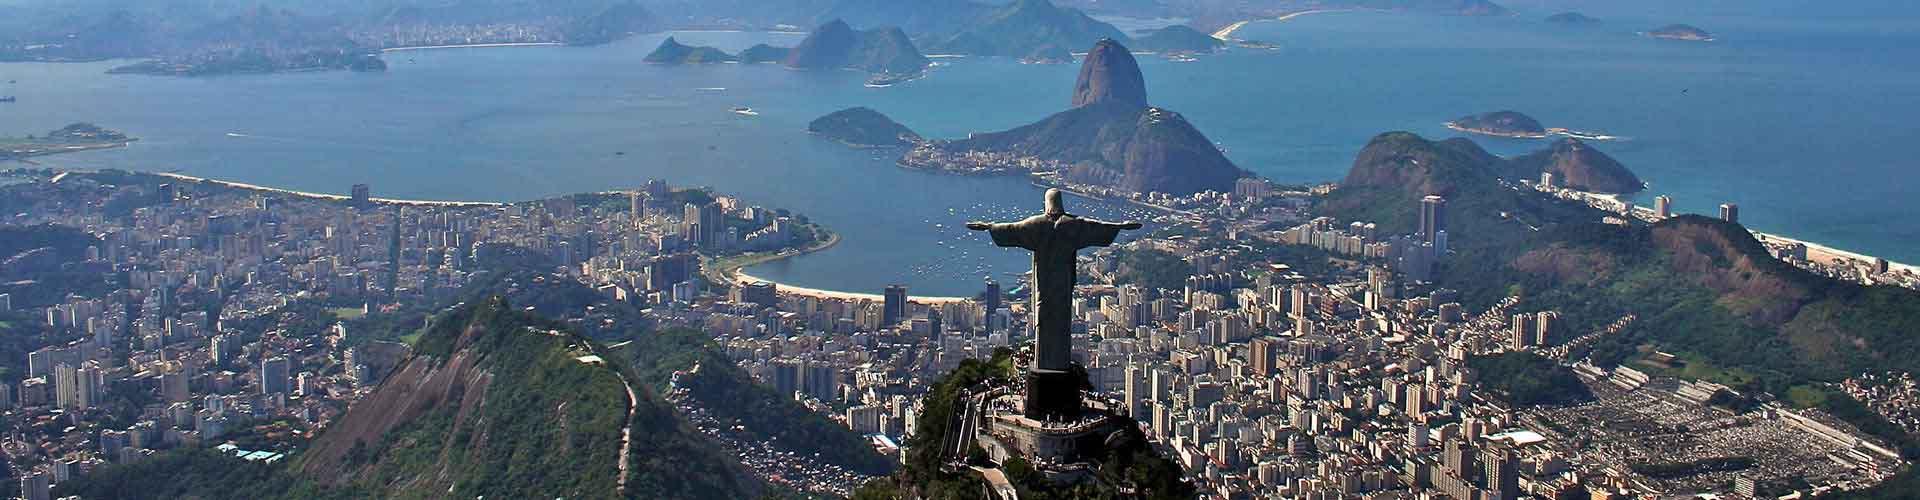 Río de Janeiro - Albergues en Río de Janeiro. Mapas de Río de Janeiro, Fotos y Comentarios para cada Albergue en Río de Janeiro.